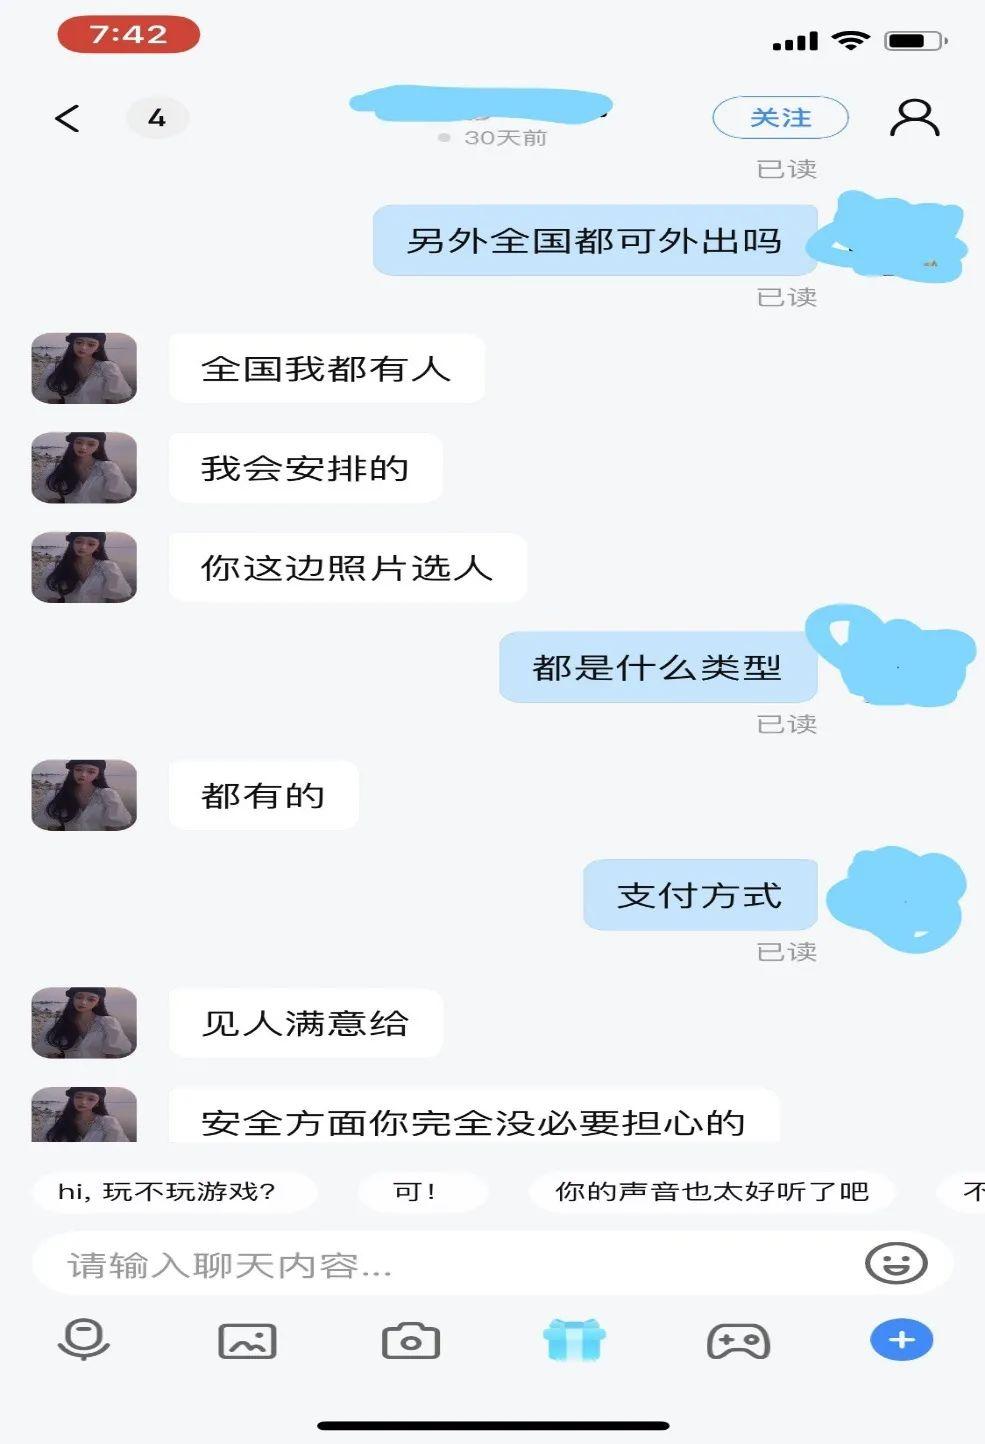 """视频裸聊明码标价,""""比心陪练""""平台""""深夜效率""""涉黄严正"""